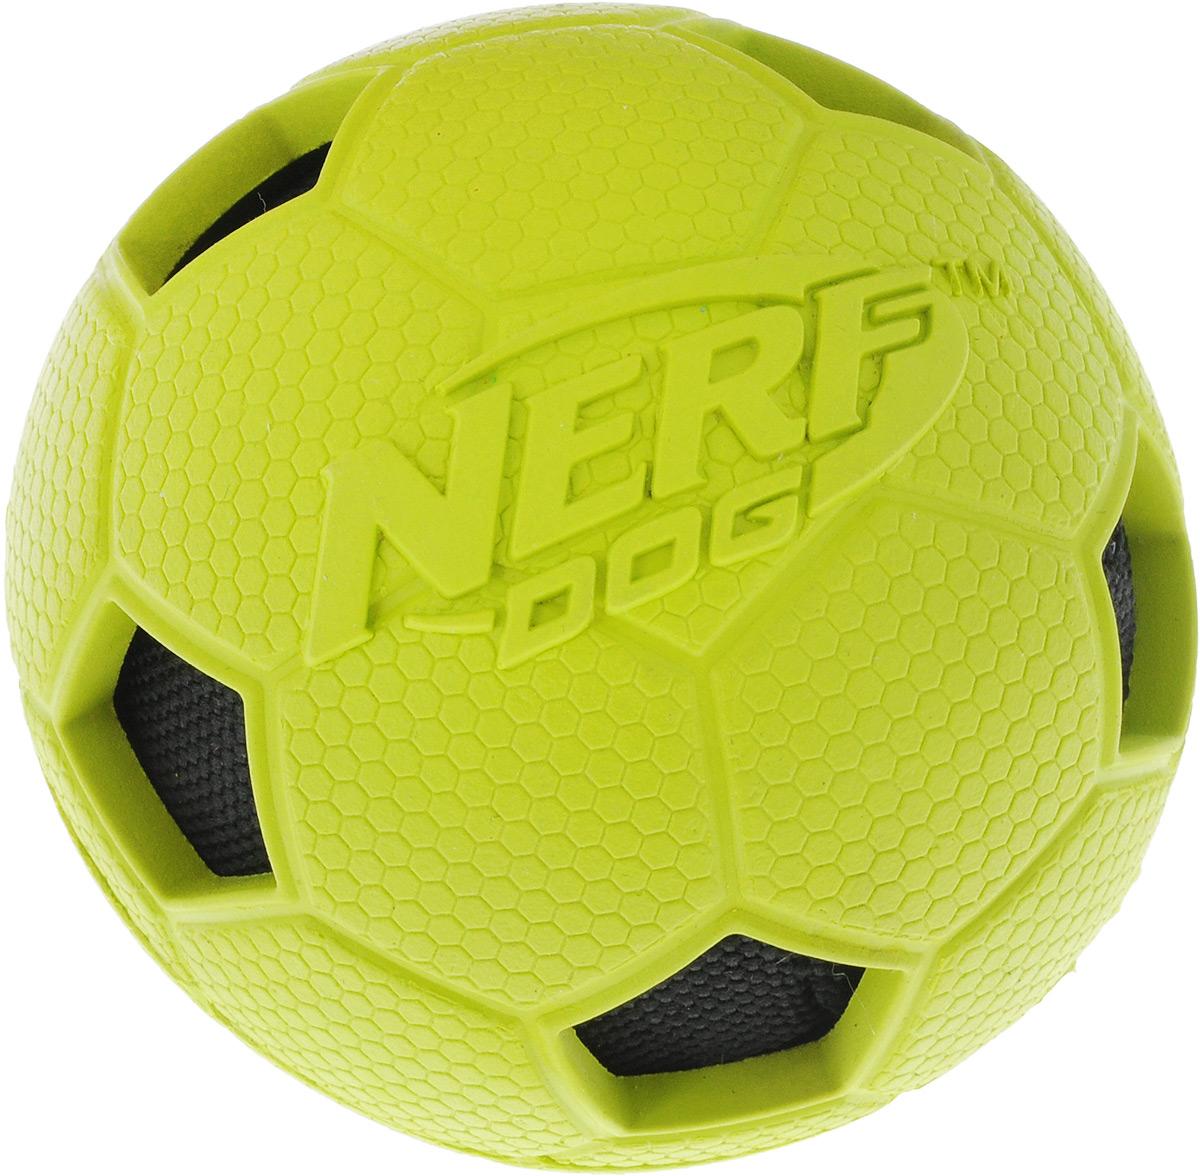 Игрушка для собак Nerf Мяч футбольный, цвет: салатовый, черный, диаметр 7,5 см75377Игрушка для собак Nerf Мяч футбольный обеспечит вашей собаке веселое времяпрепровождение. Мяч изготовлен из резины и снабжен внутренним текстильным шаром с шуршащим наполнителем. Игрушка абсолютно безопасна для питомца и его зубов. Мяч обладает хорошей прыгучестью и обязательно понравится вашему питомцу. Диаметр игрушки: 7,5 см.